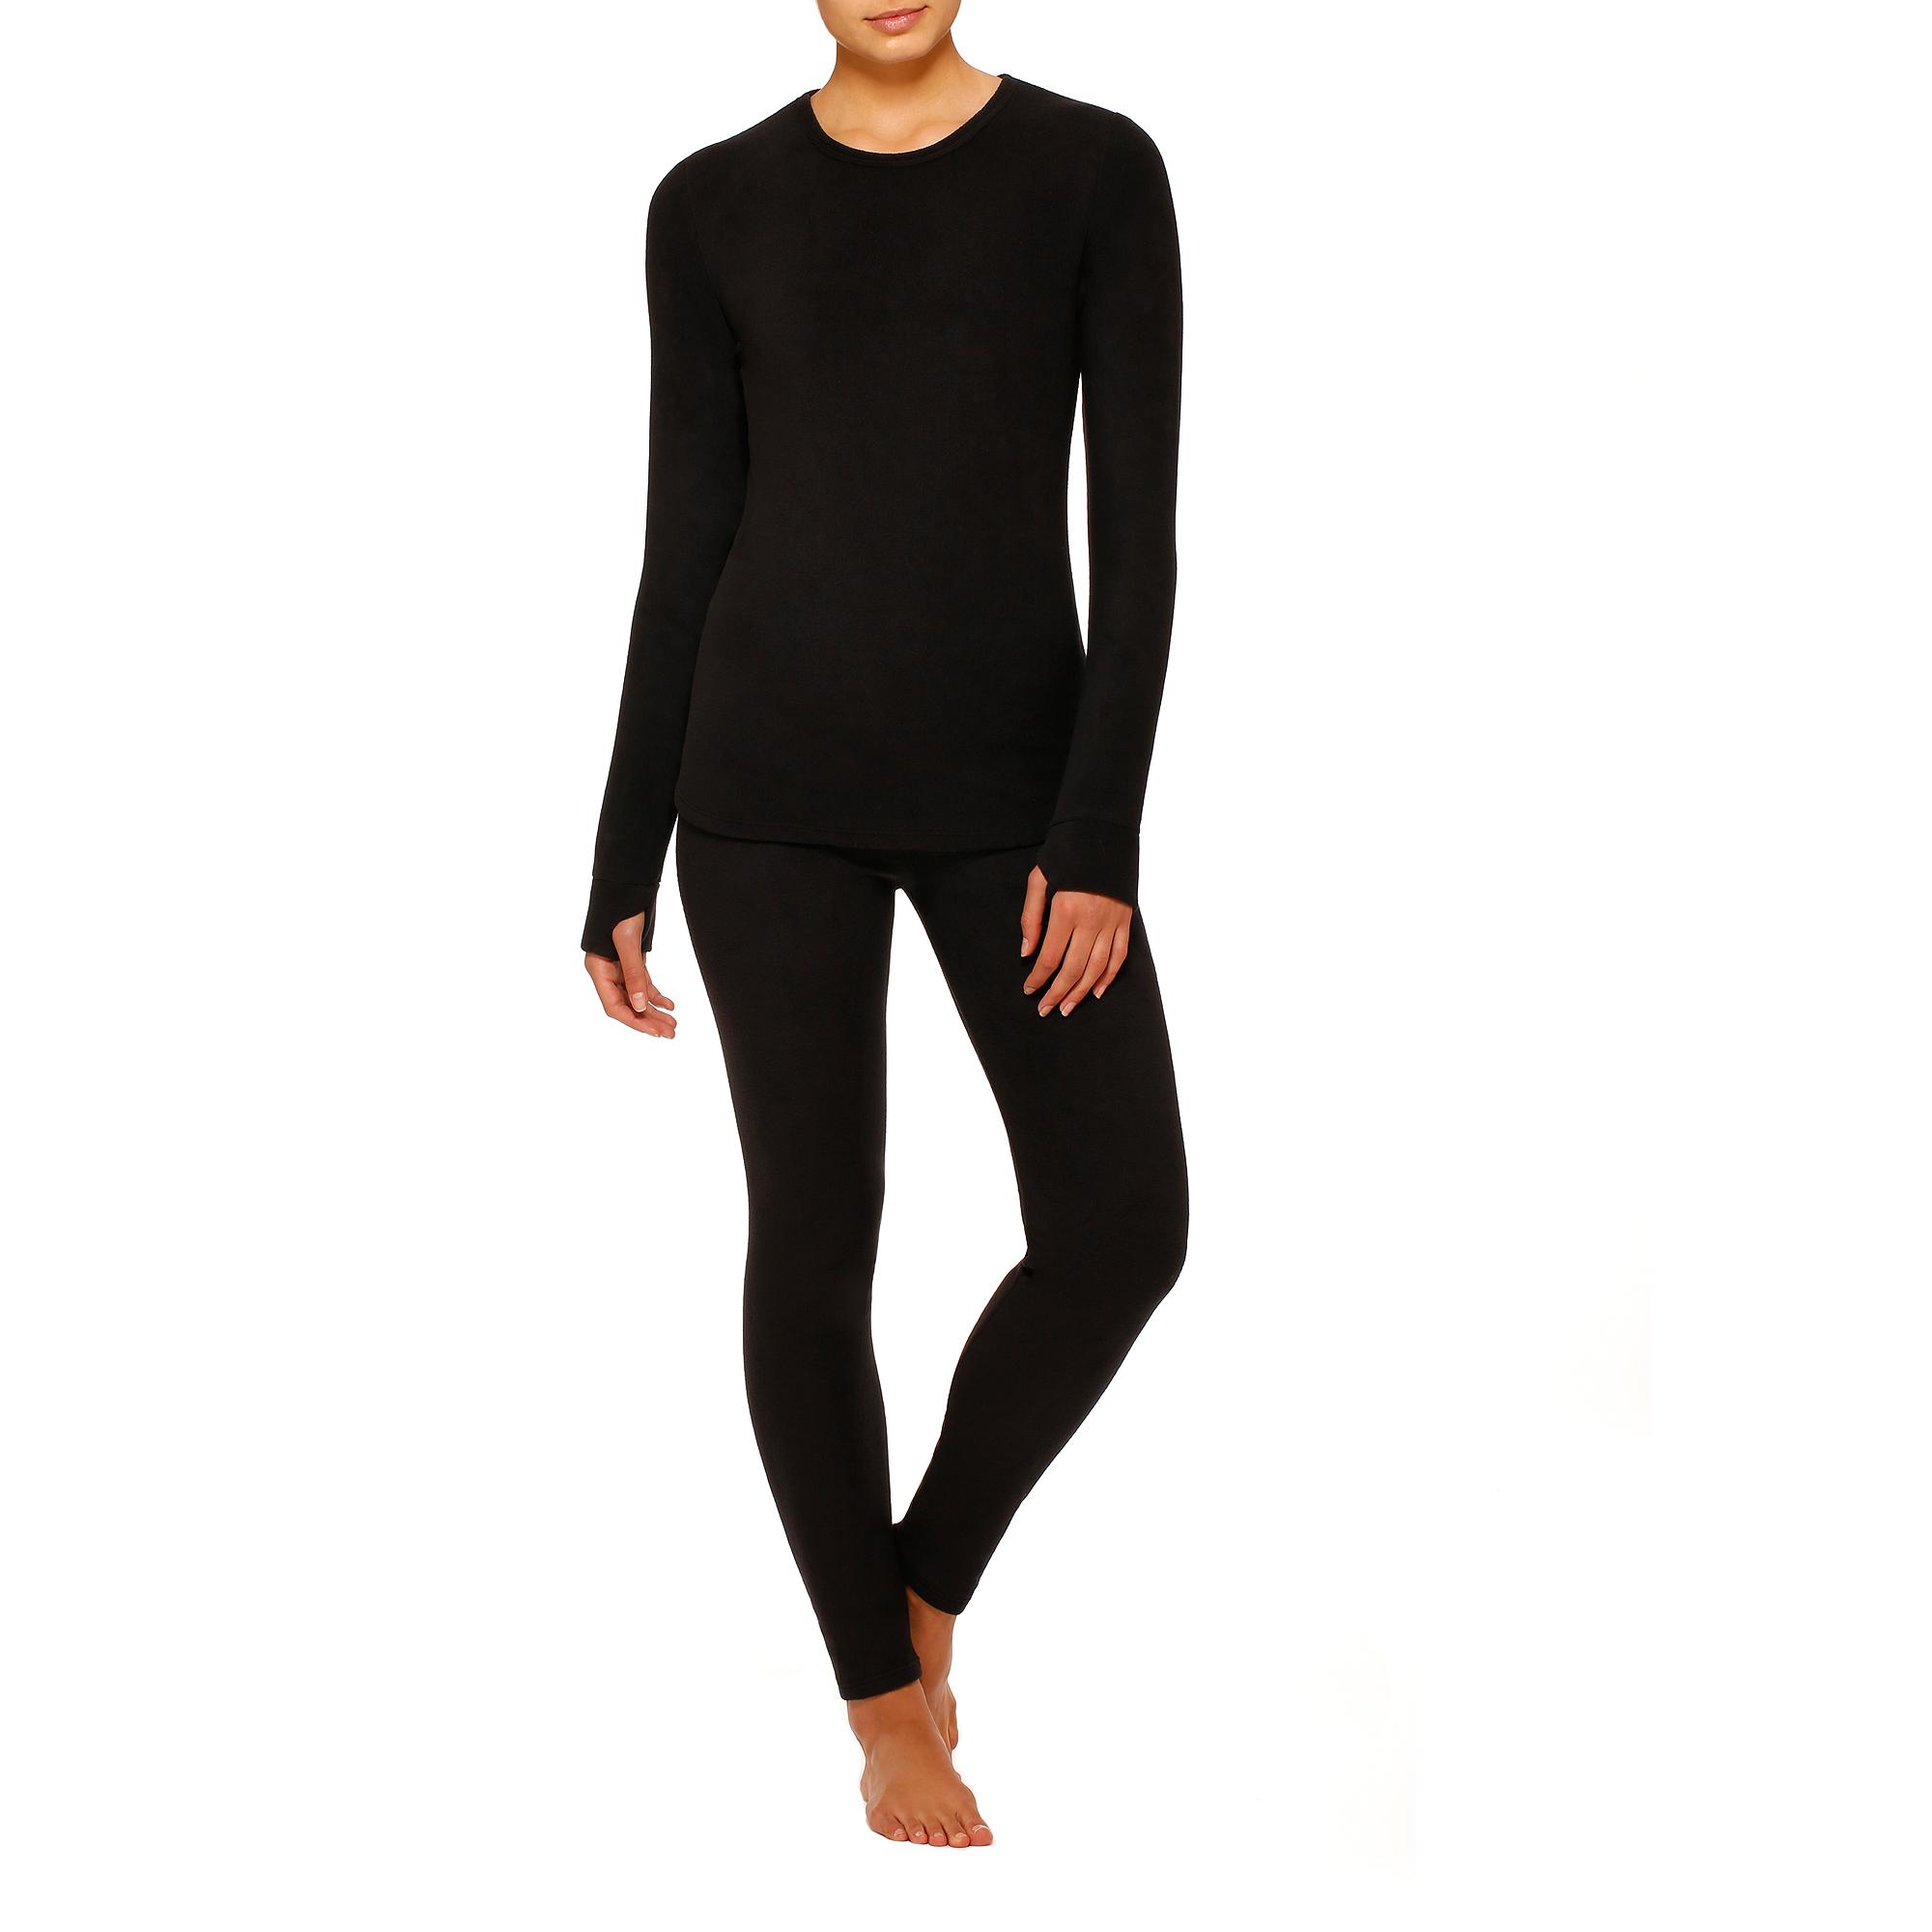 Women's Stretch Fleece Warm Underwear Leggings